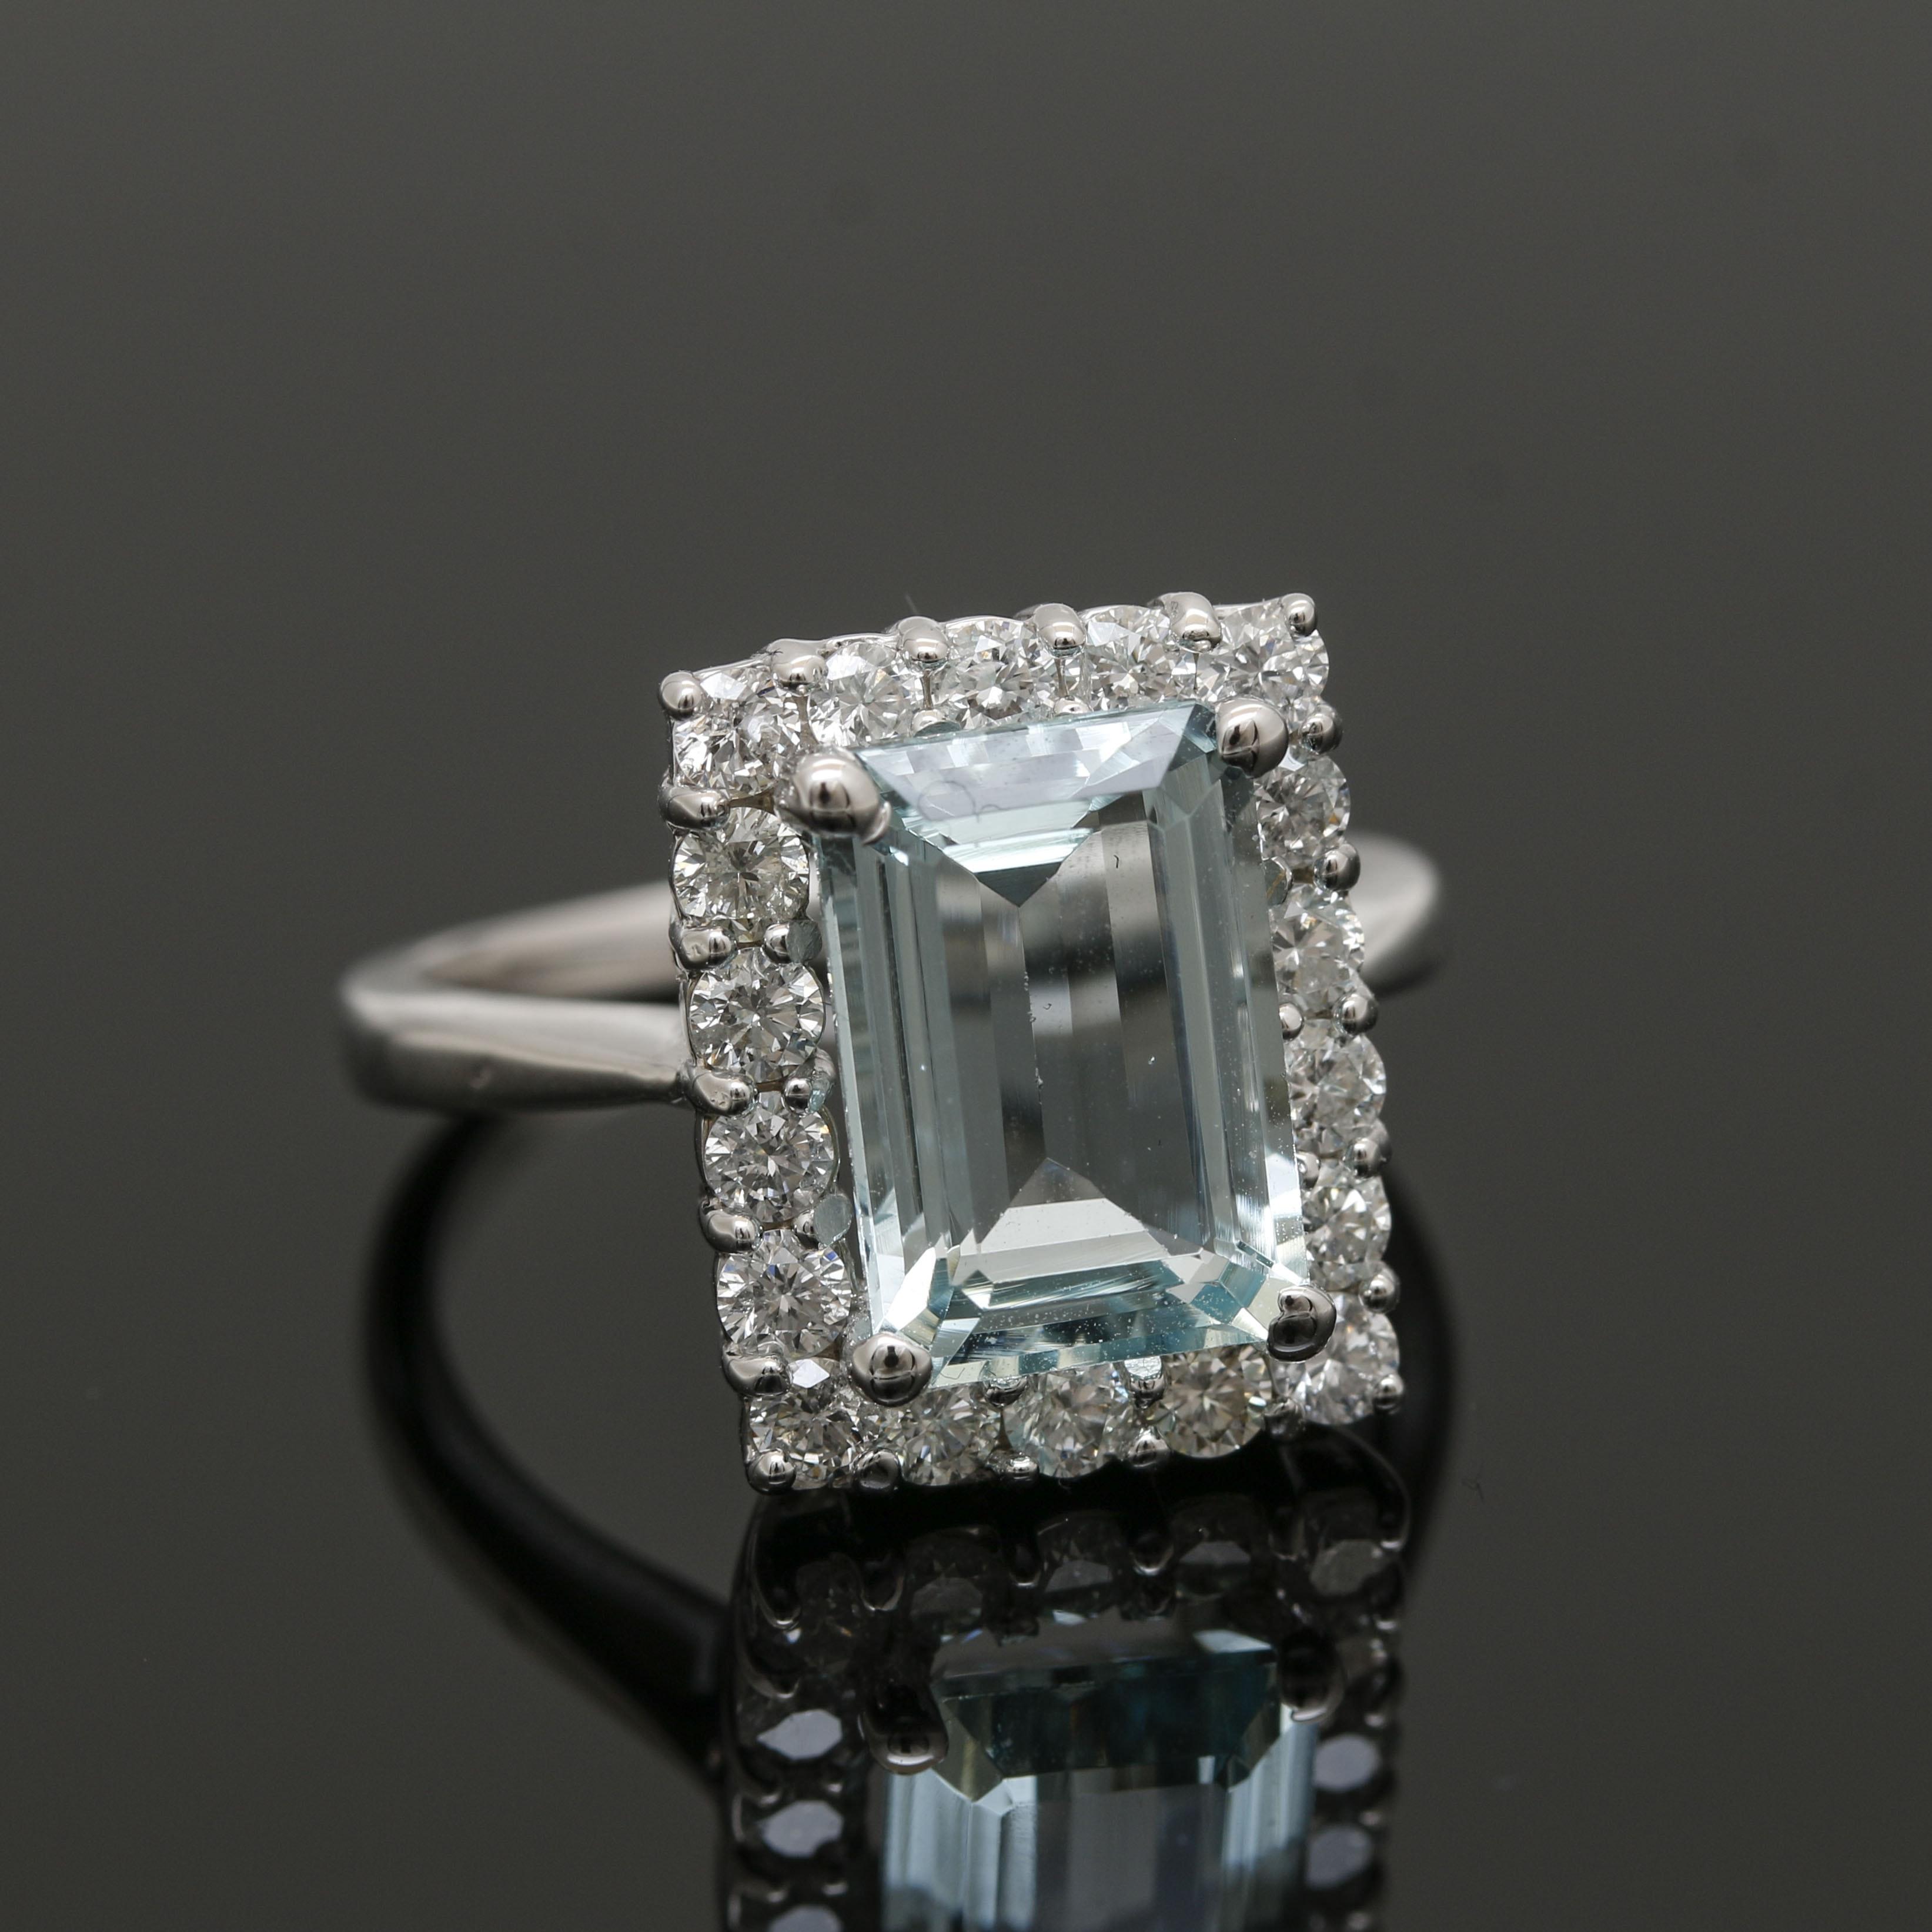 14K White Gold 2.95 CT Aquamarine and Diamond Ring